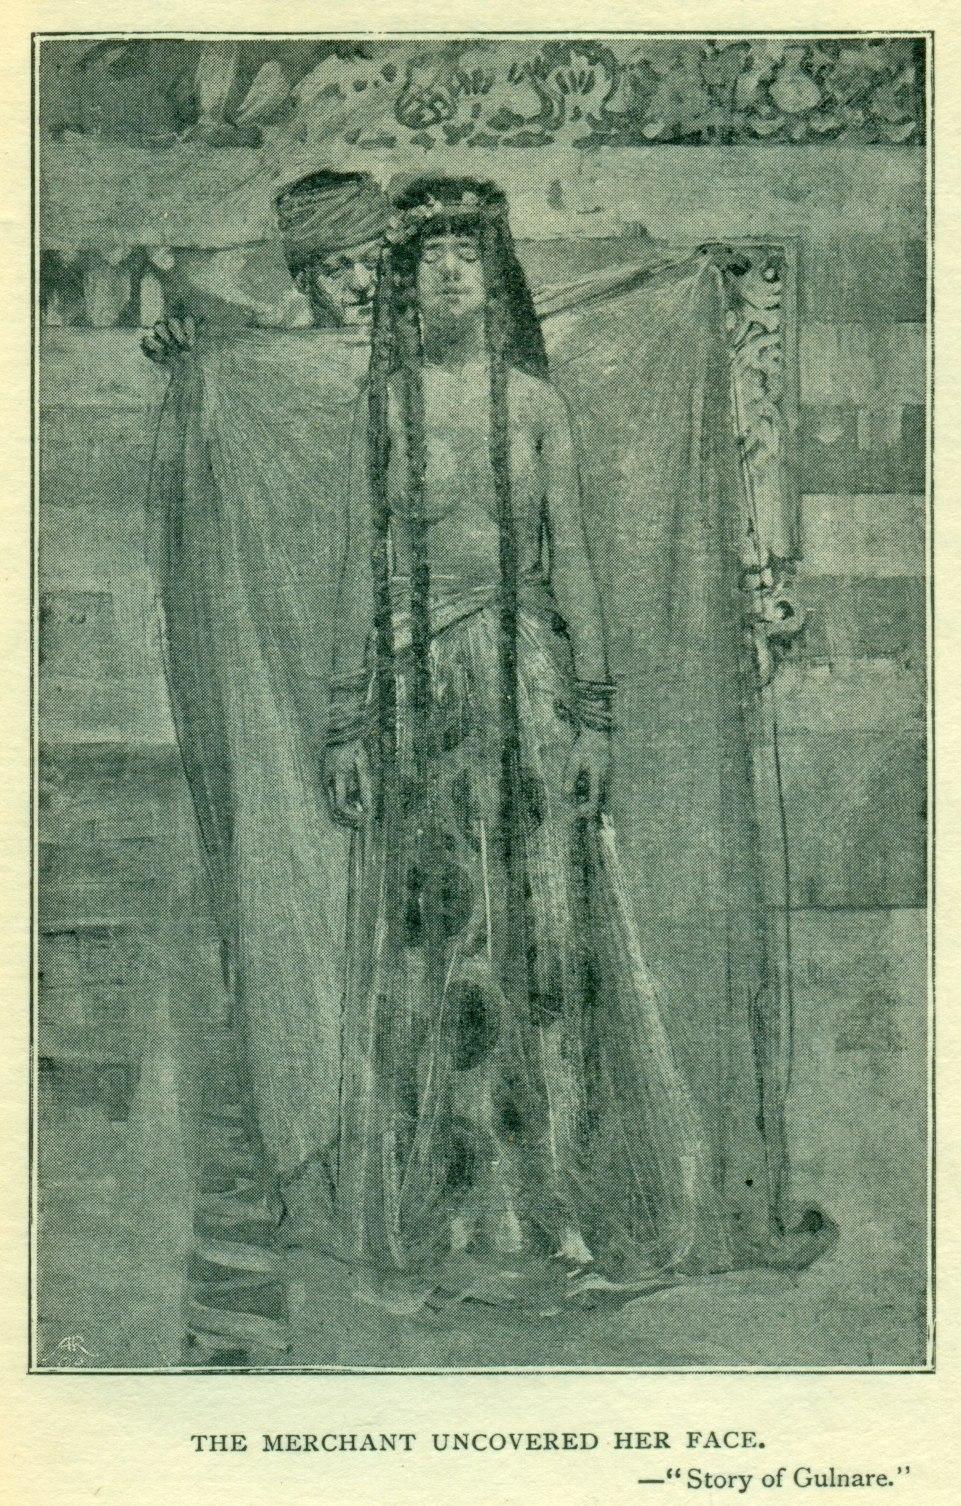 Brangwyn, Arabian Nights, Vol 5, 1896 (2)